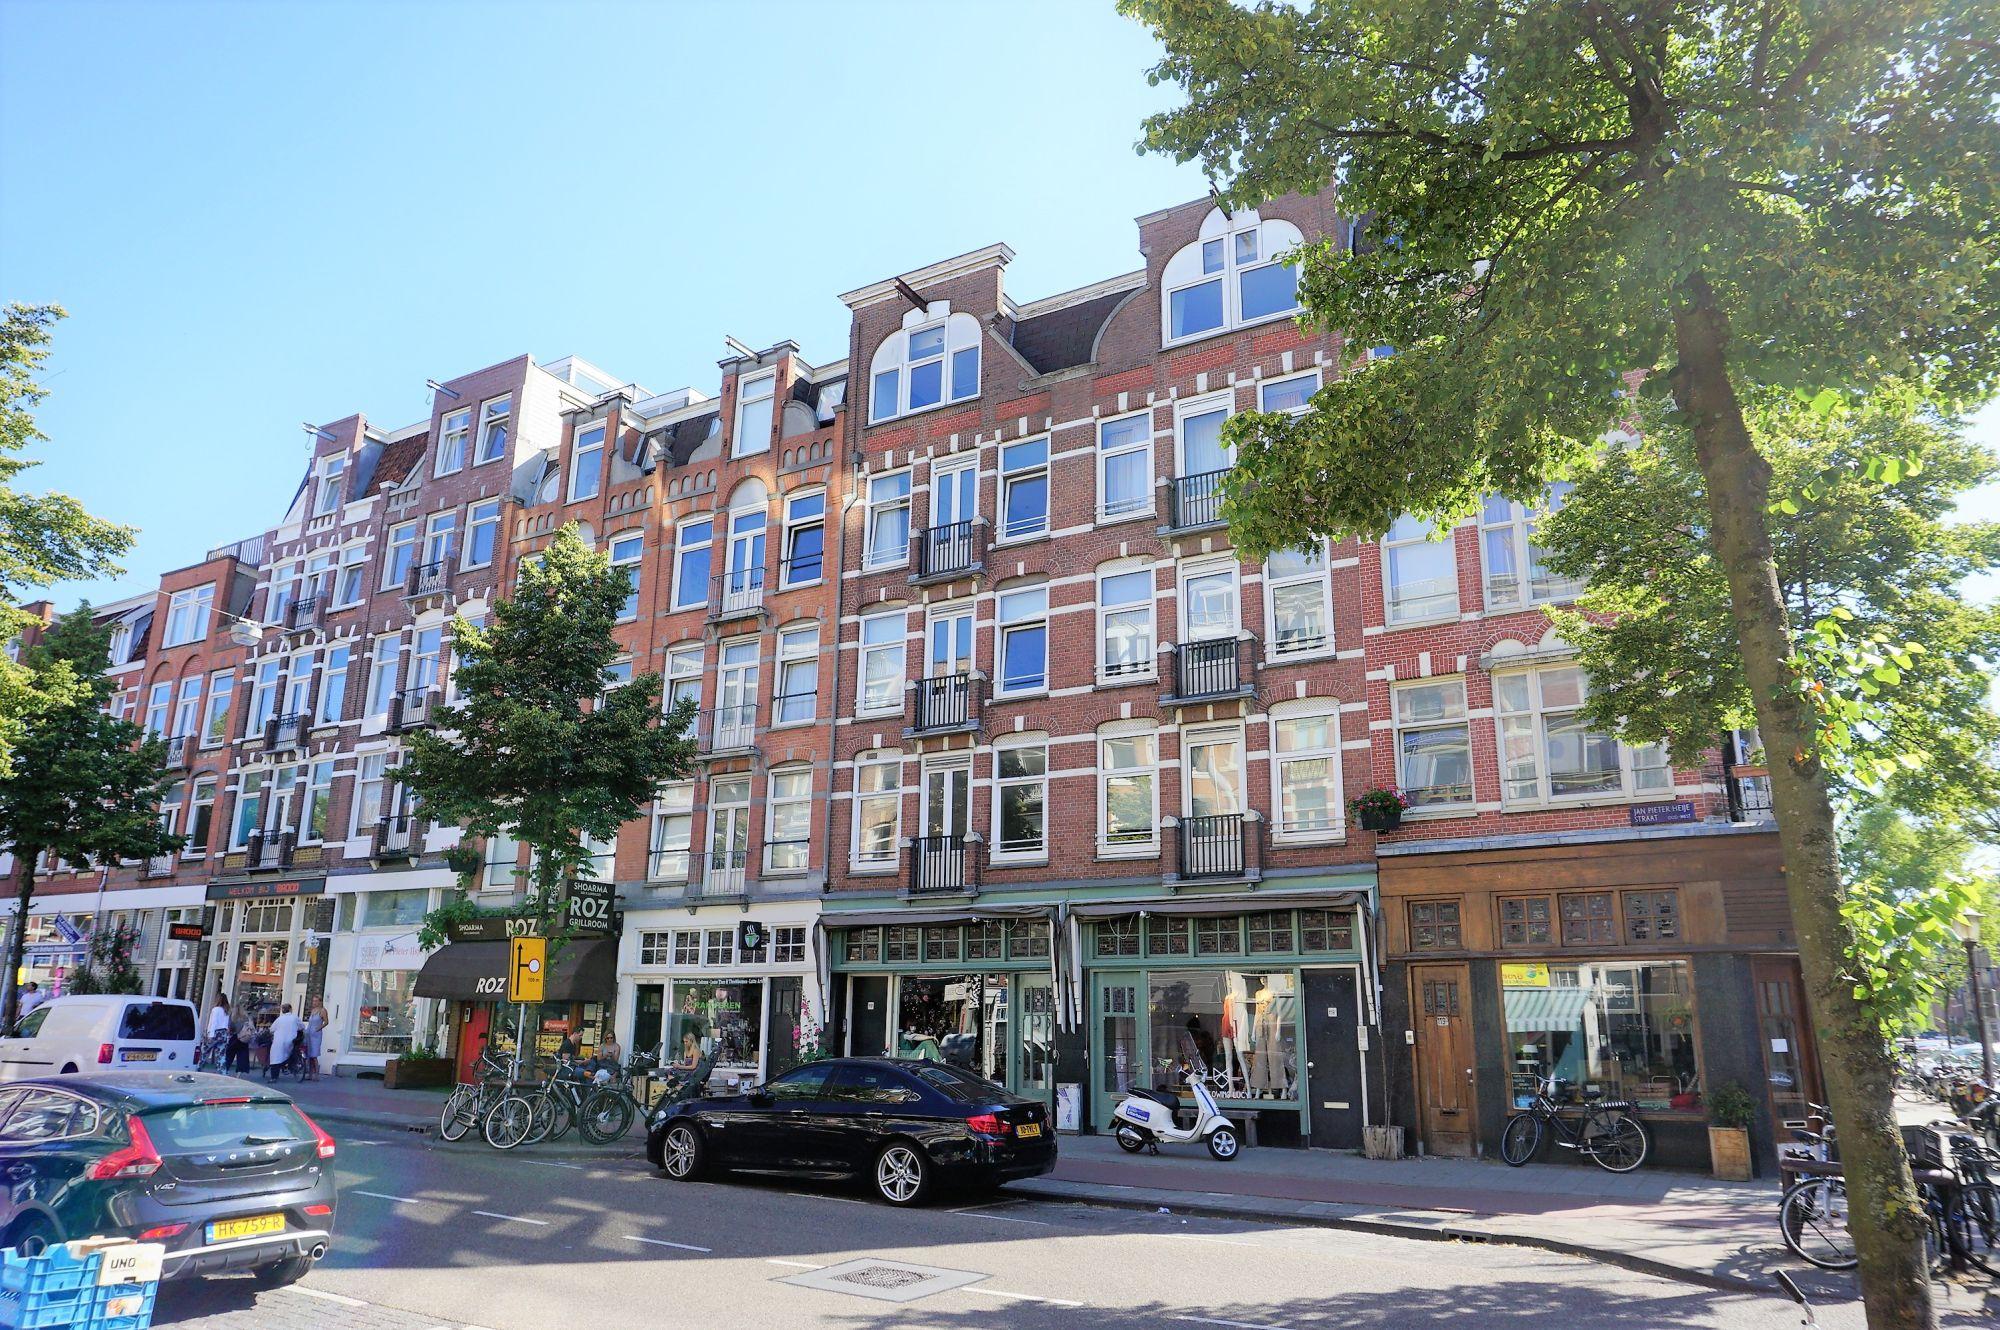 Jan Pieter Heijestraat, Amsterdam